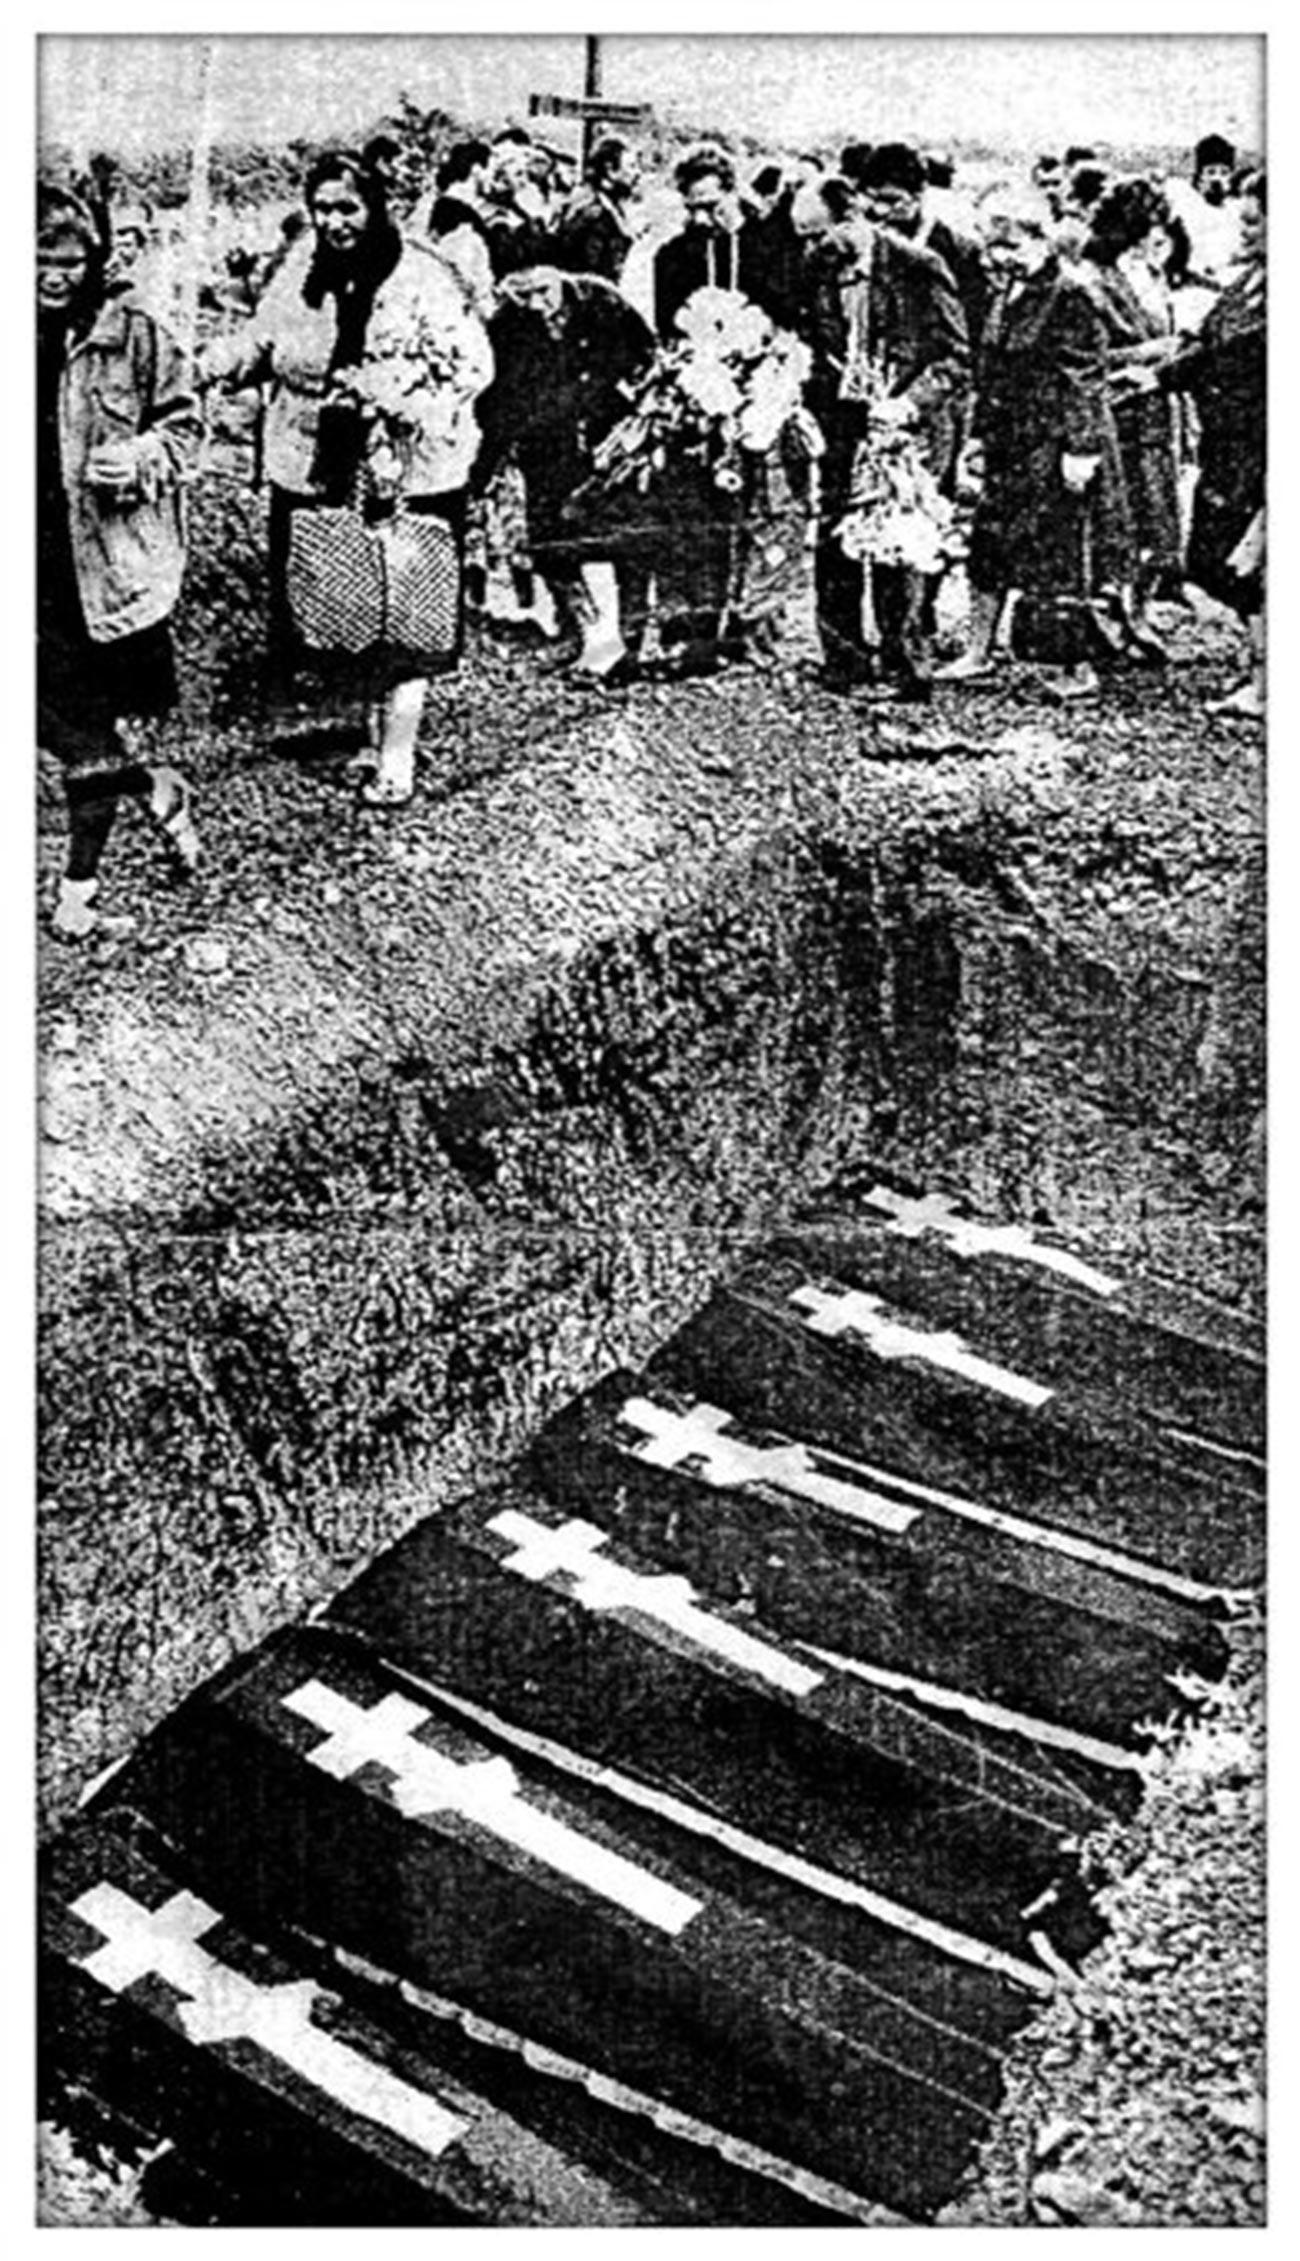 Simbolični ponovni pokol žrtev streljanja leta 1962 na pokopališču v Novočerkasku, 1994